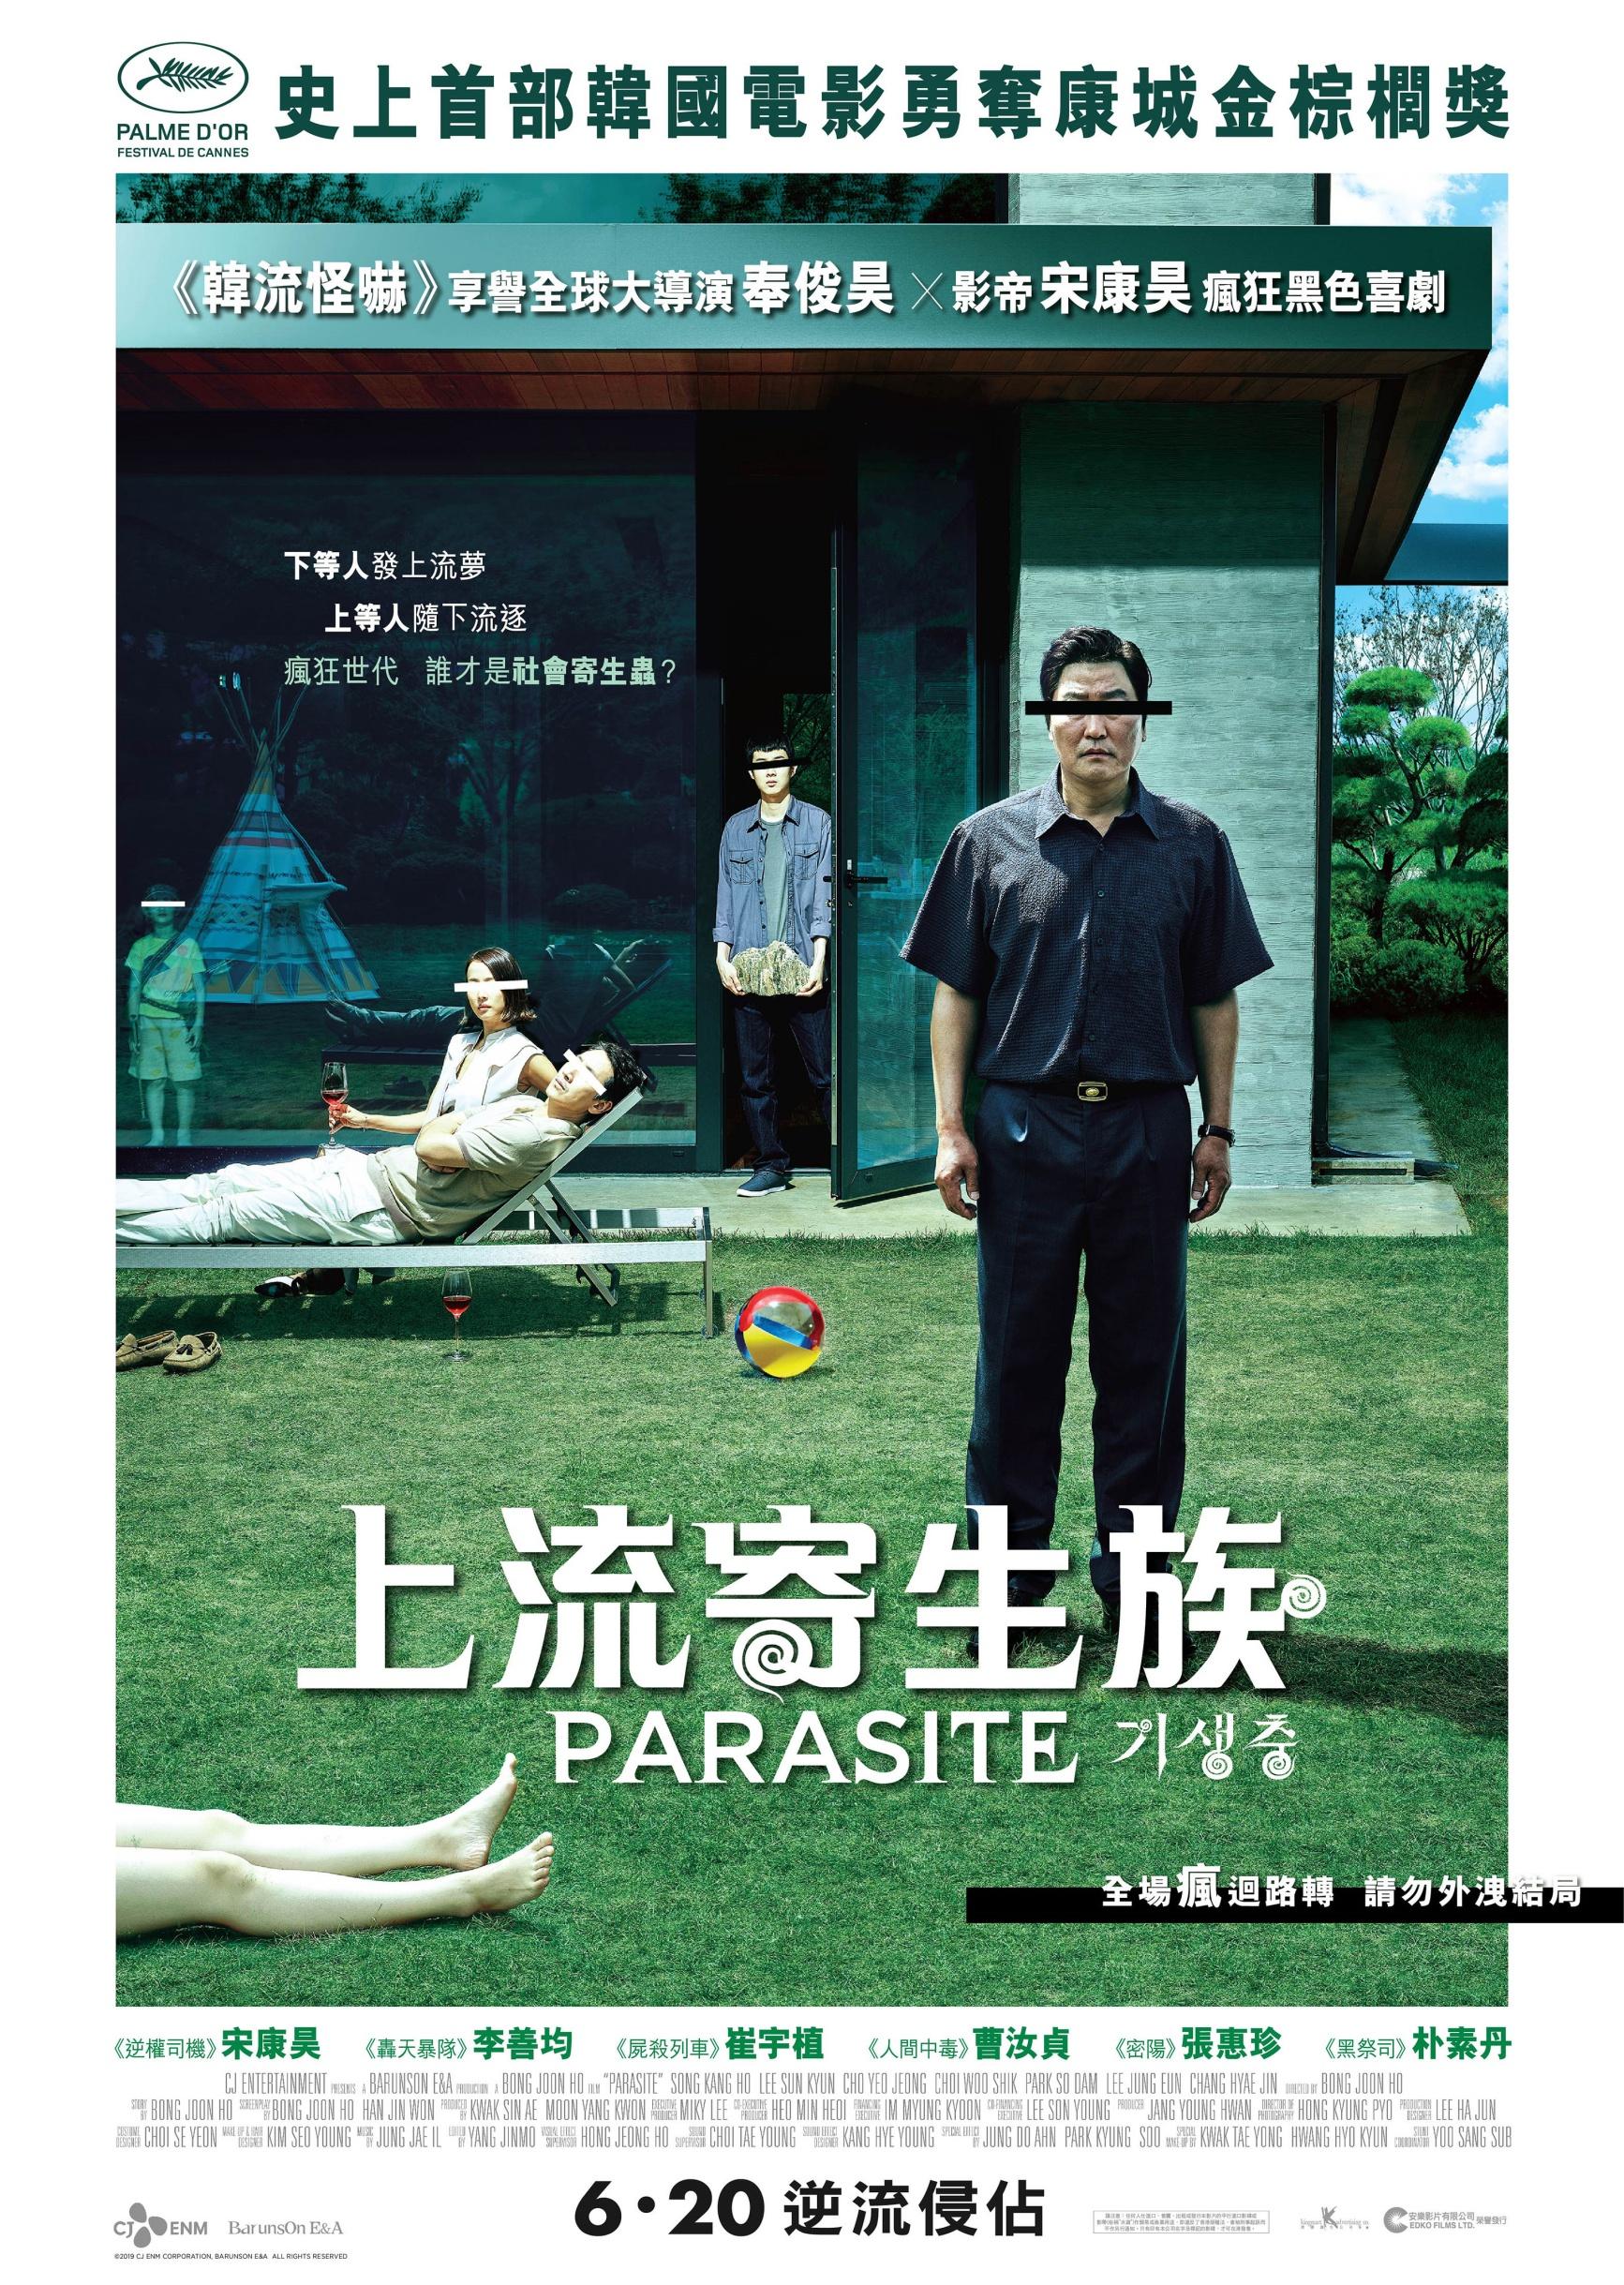 20190531_Parasite_Poster.jpg